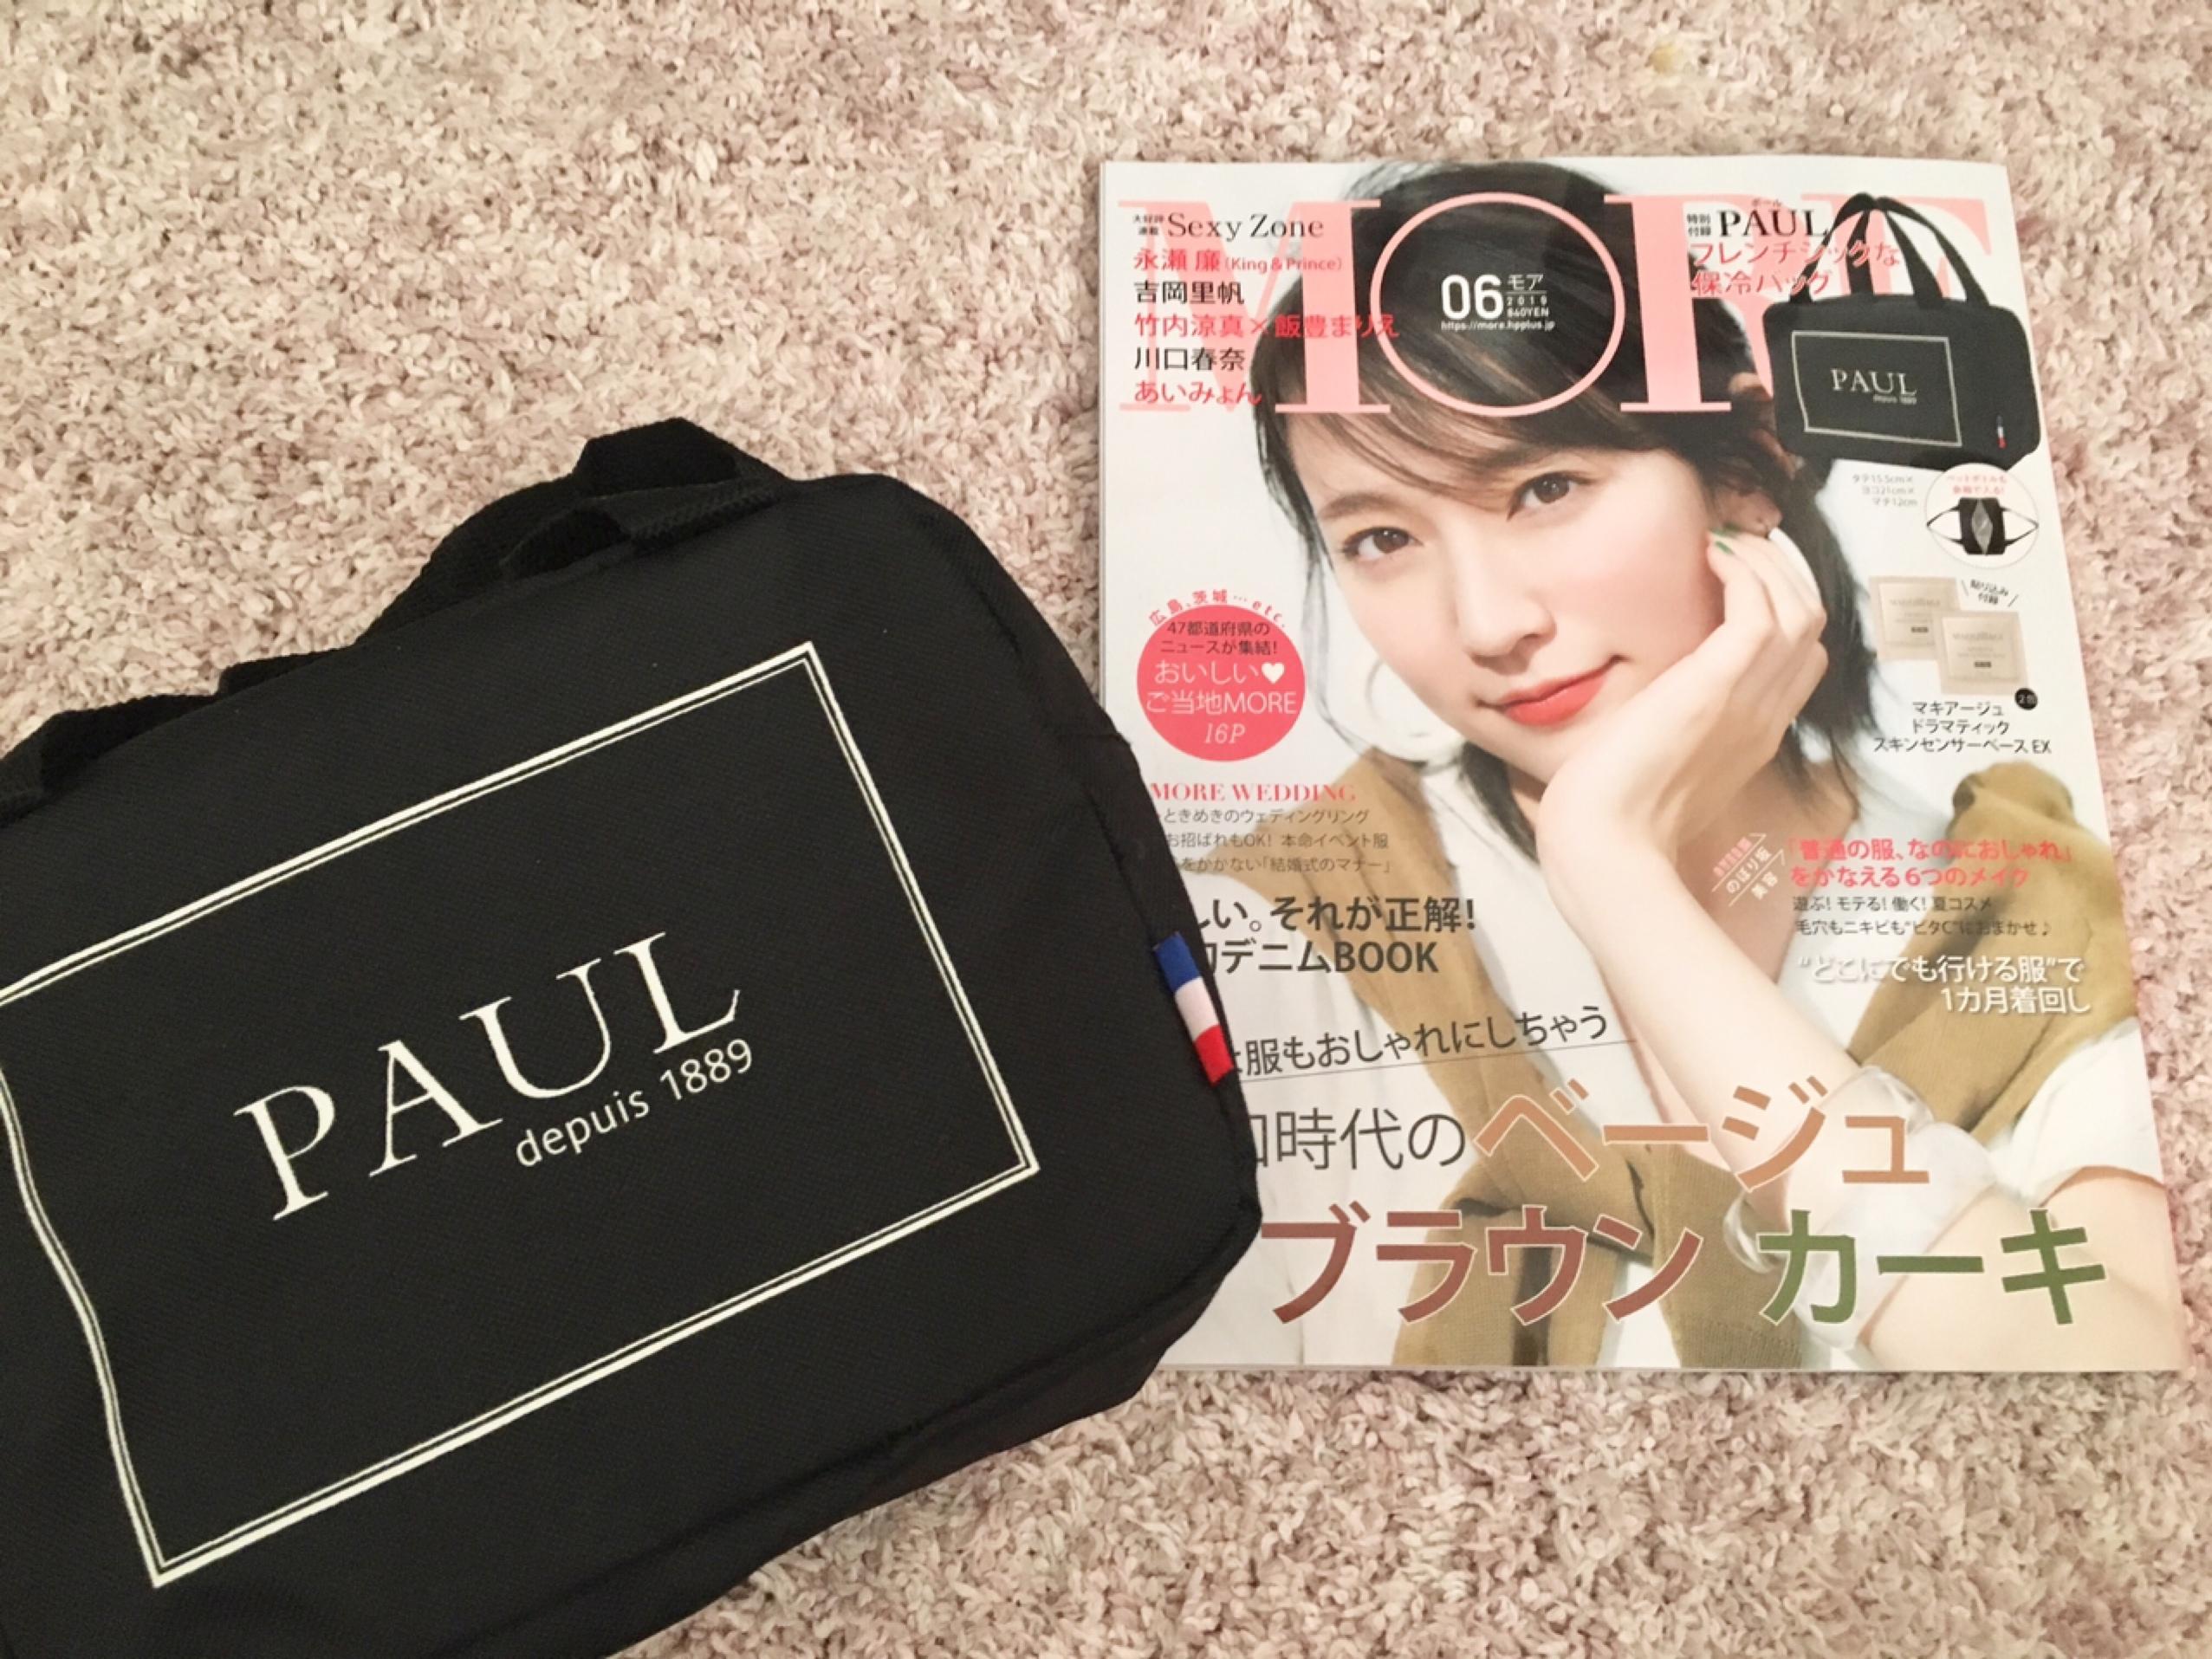 MORE付録保冷バッグか話題『PAUL(ポール)』のパン、オススメ3選❤︎_1